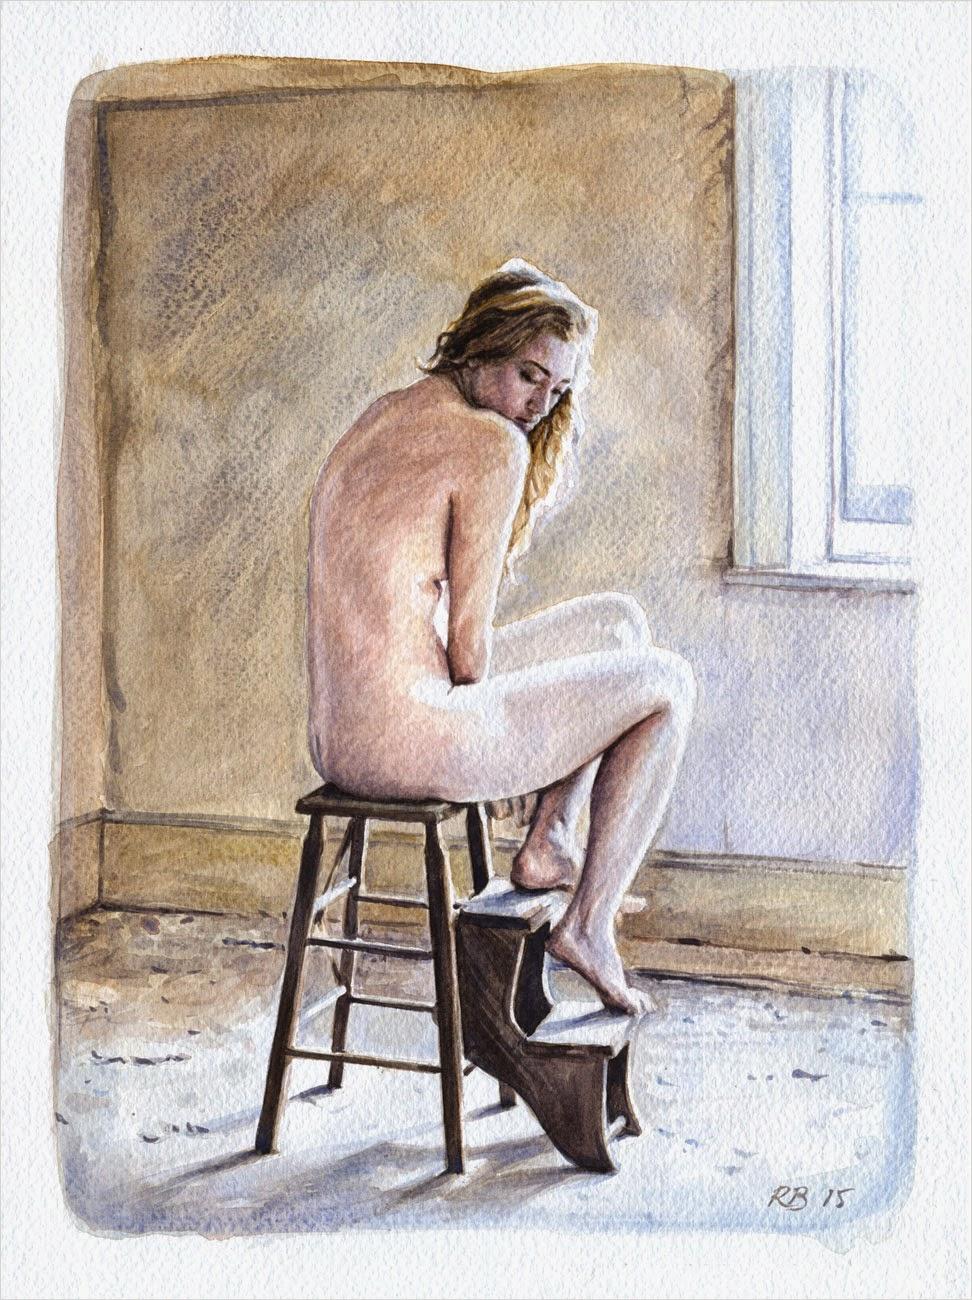 René Bui - Etude de nu à l'aquarelle 150114 - 2015